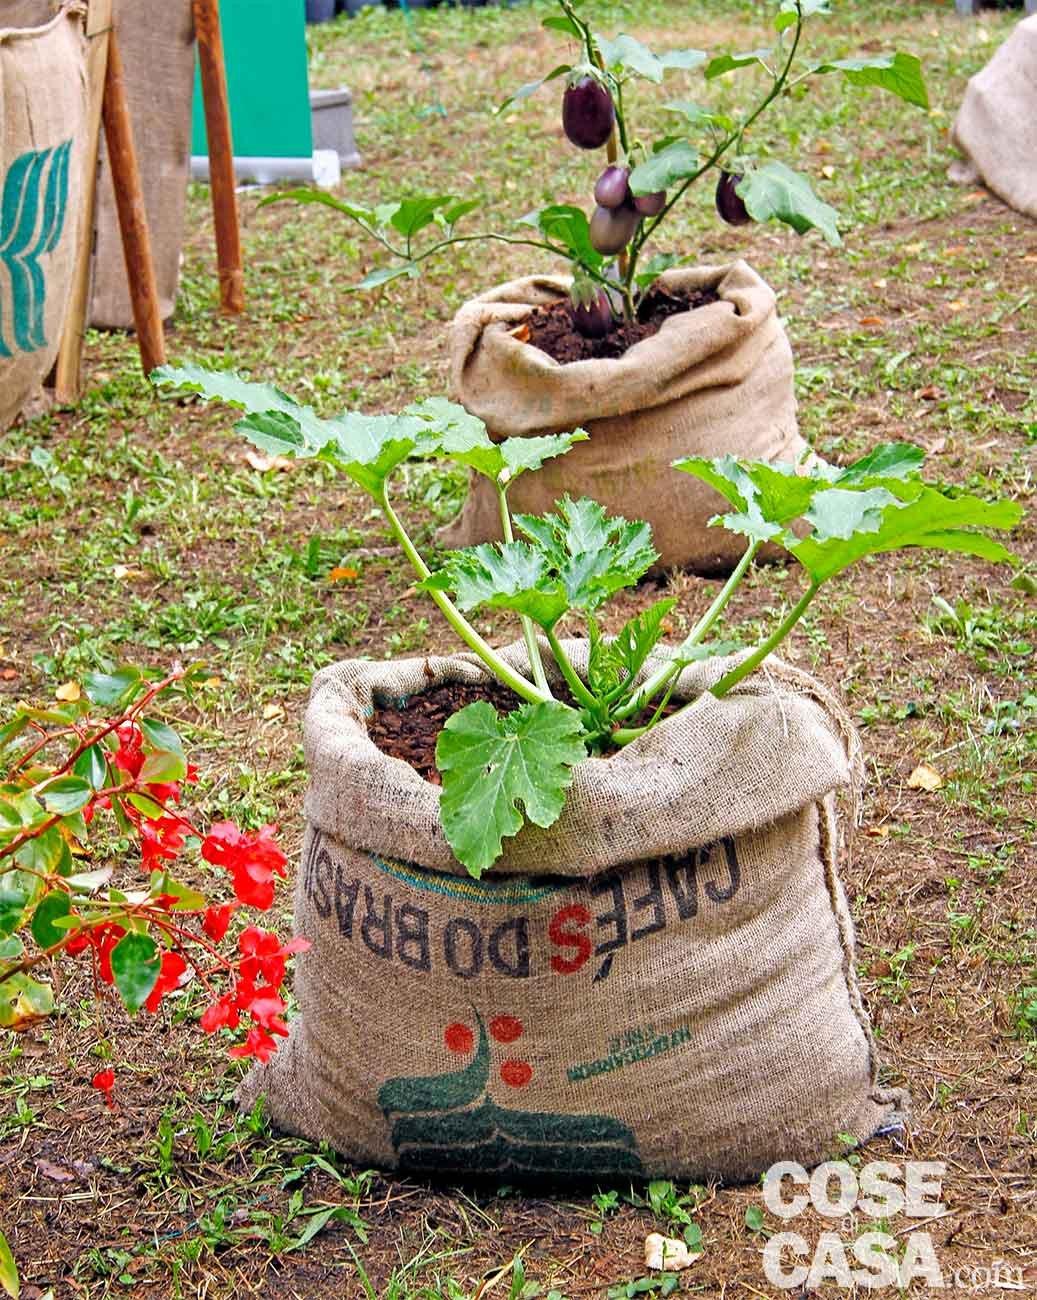 Arredare Un Giardino Idee idee da copiare per valorizzare il giardino - cose di casa